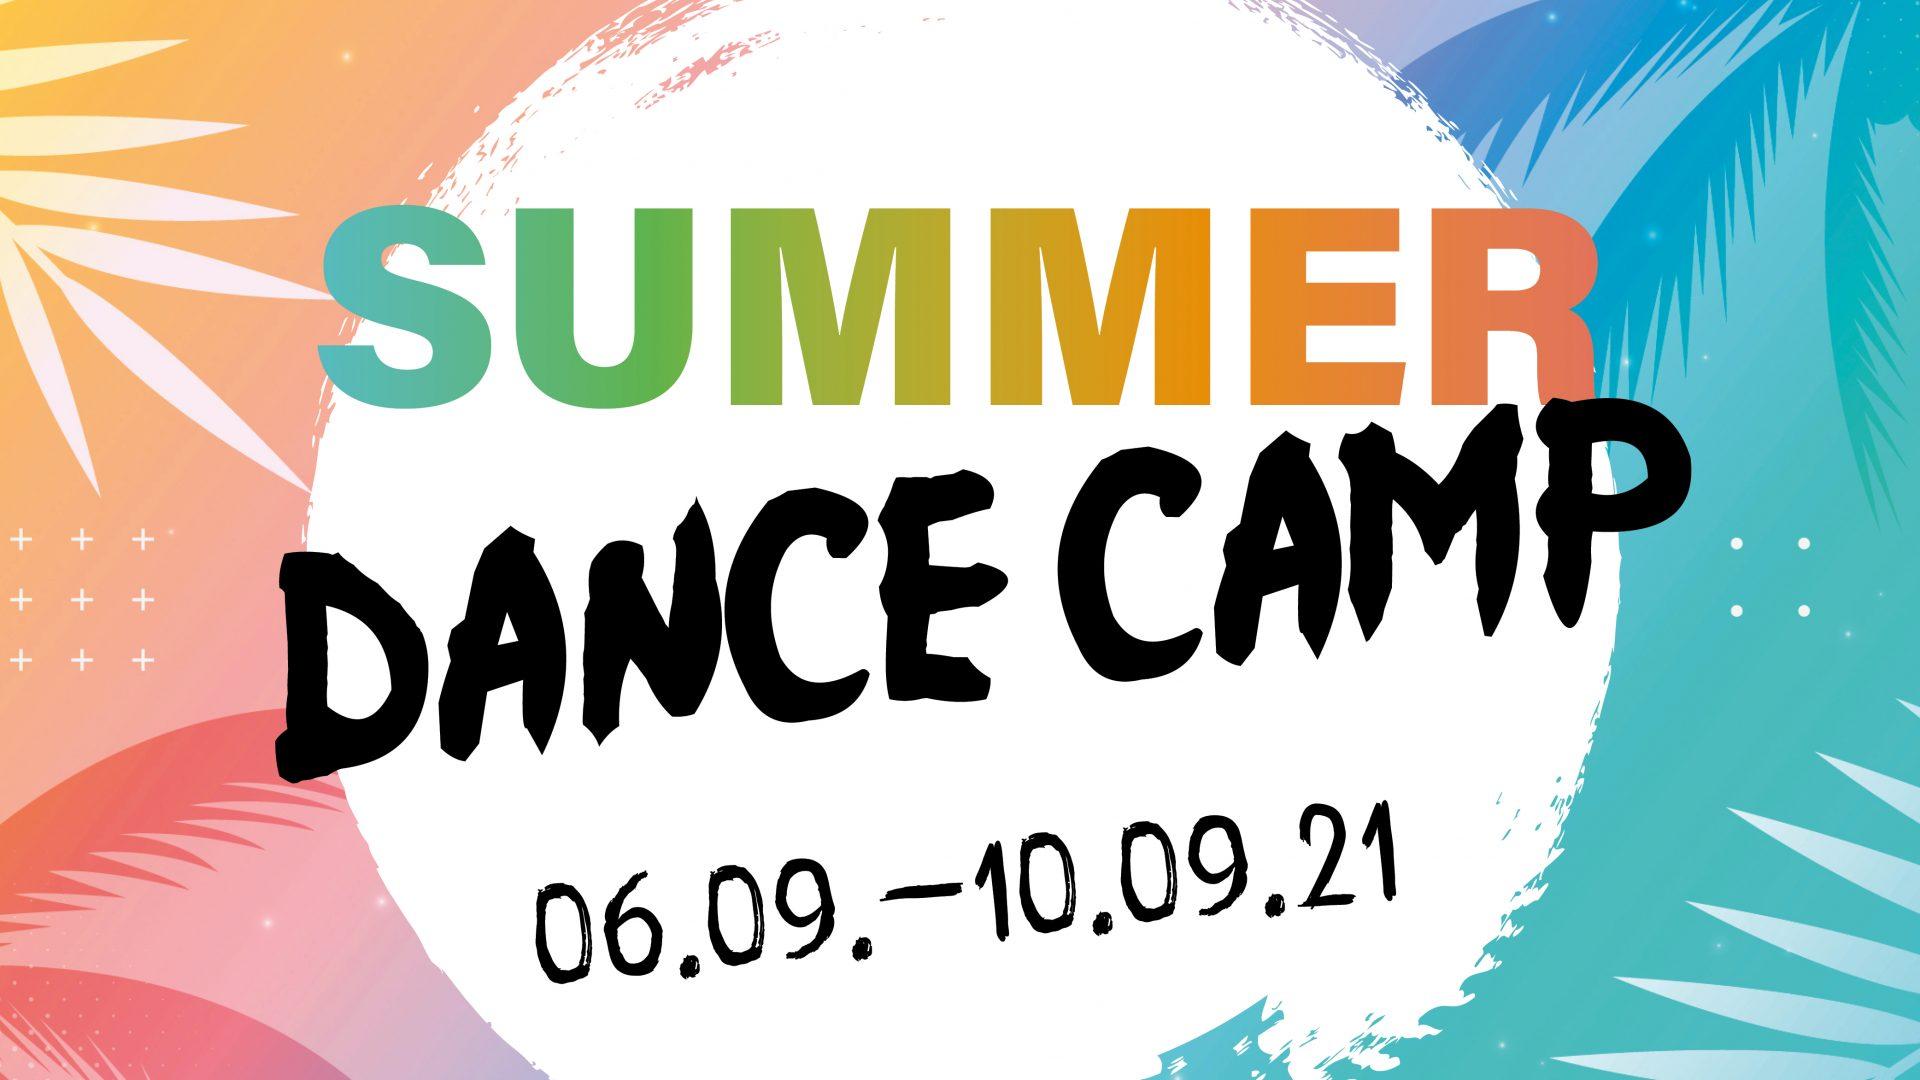 SUMMER DANCE CAMP - Sei Dabei! Straubenhardter Sommerferienprogramm 2021